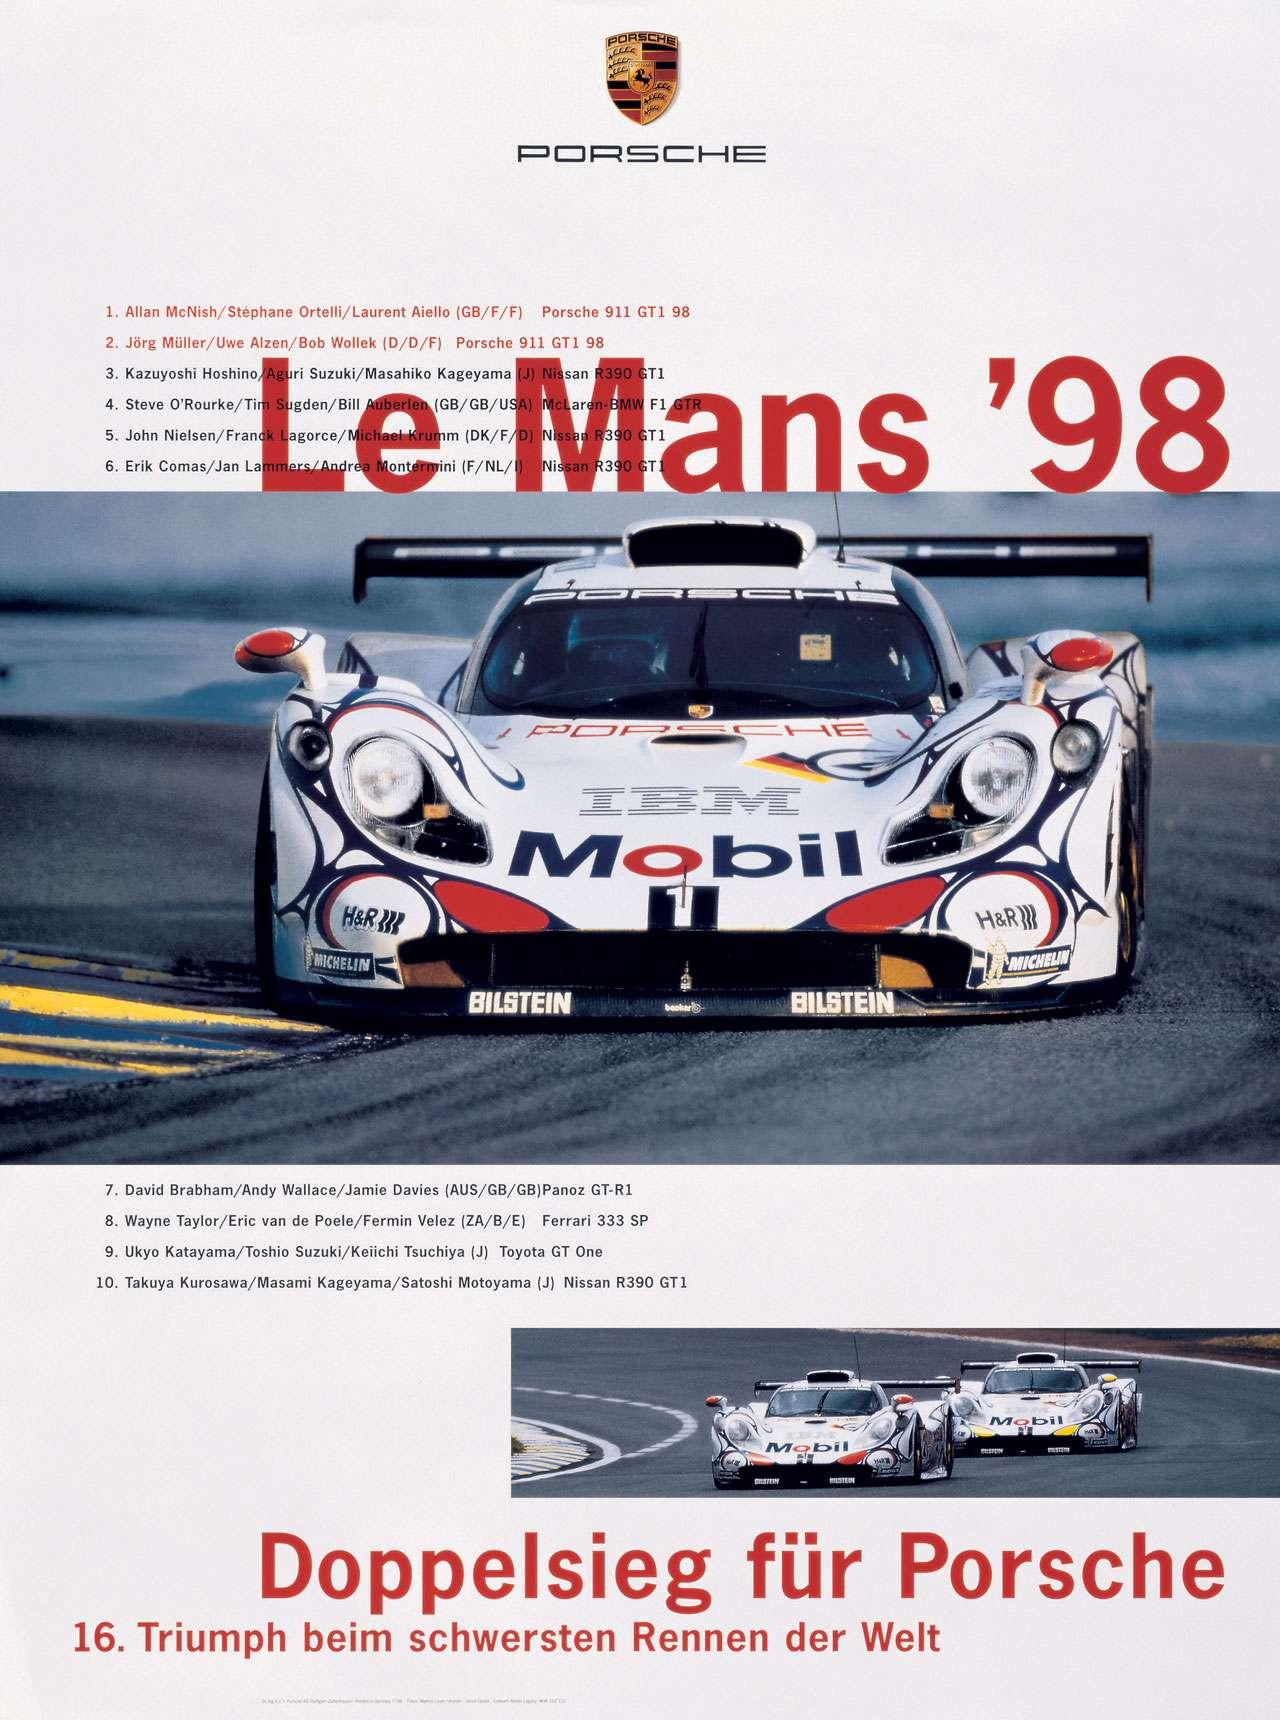 Le Mans '98. Doppelsieg für Porsche. 16. Triumph beim schwersten Rennen der Welt.